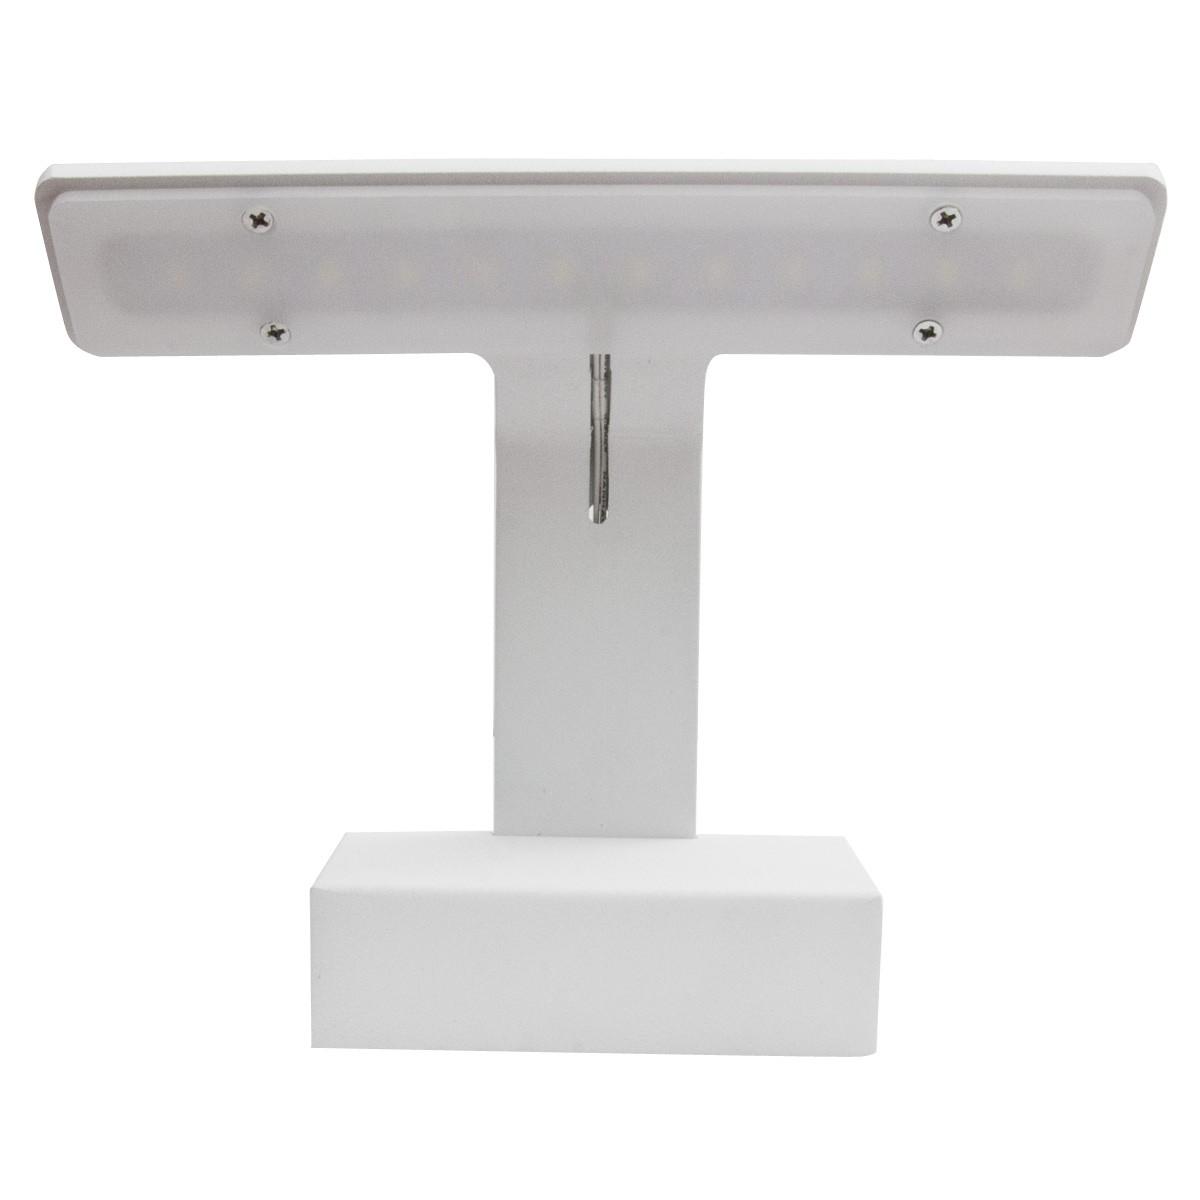 Lampada bagno Faretto Luce Led per Specchio 6W Design ...